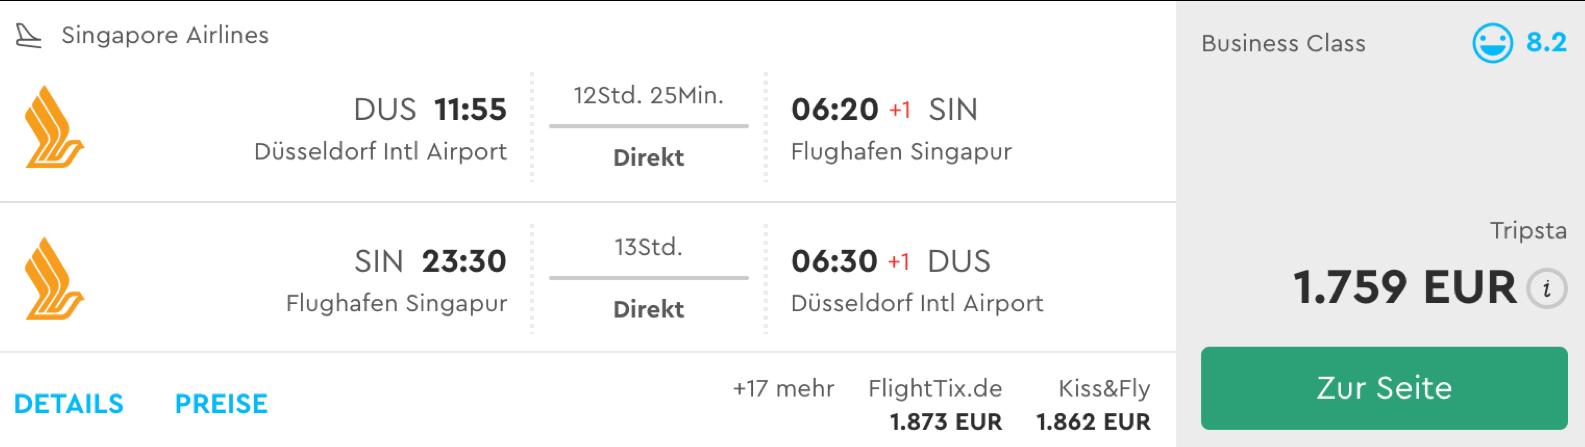 Günstige singapore Airlines Direktflüge nach Singapur